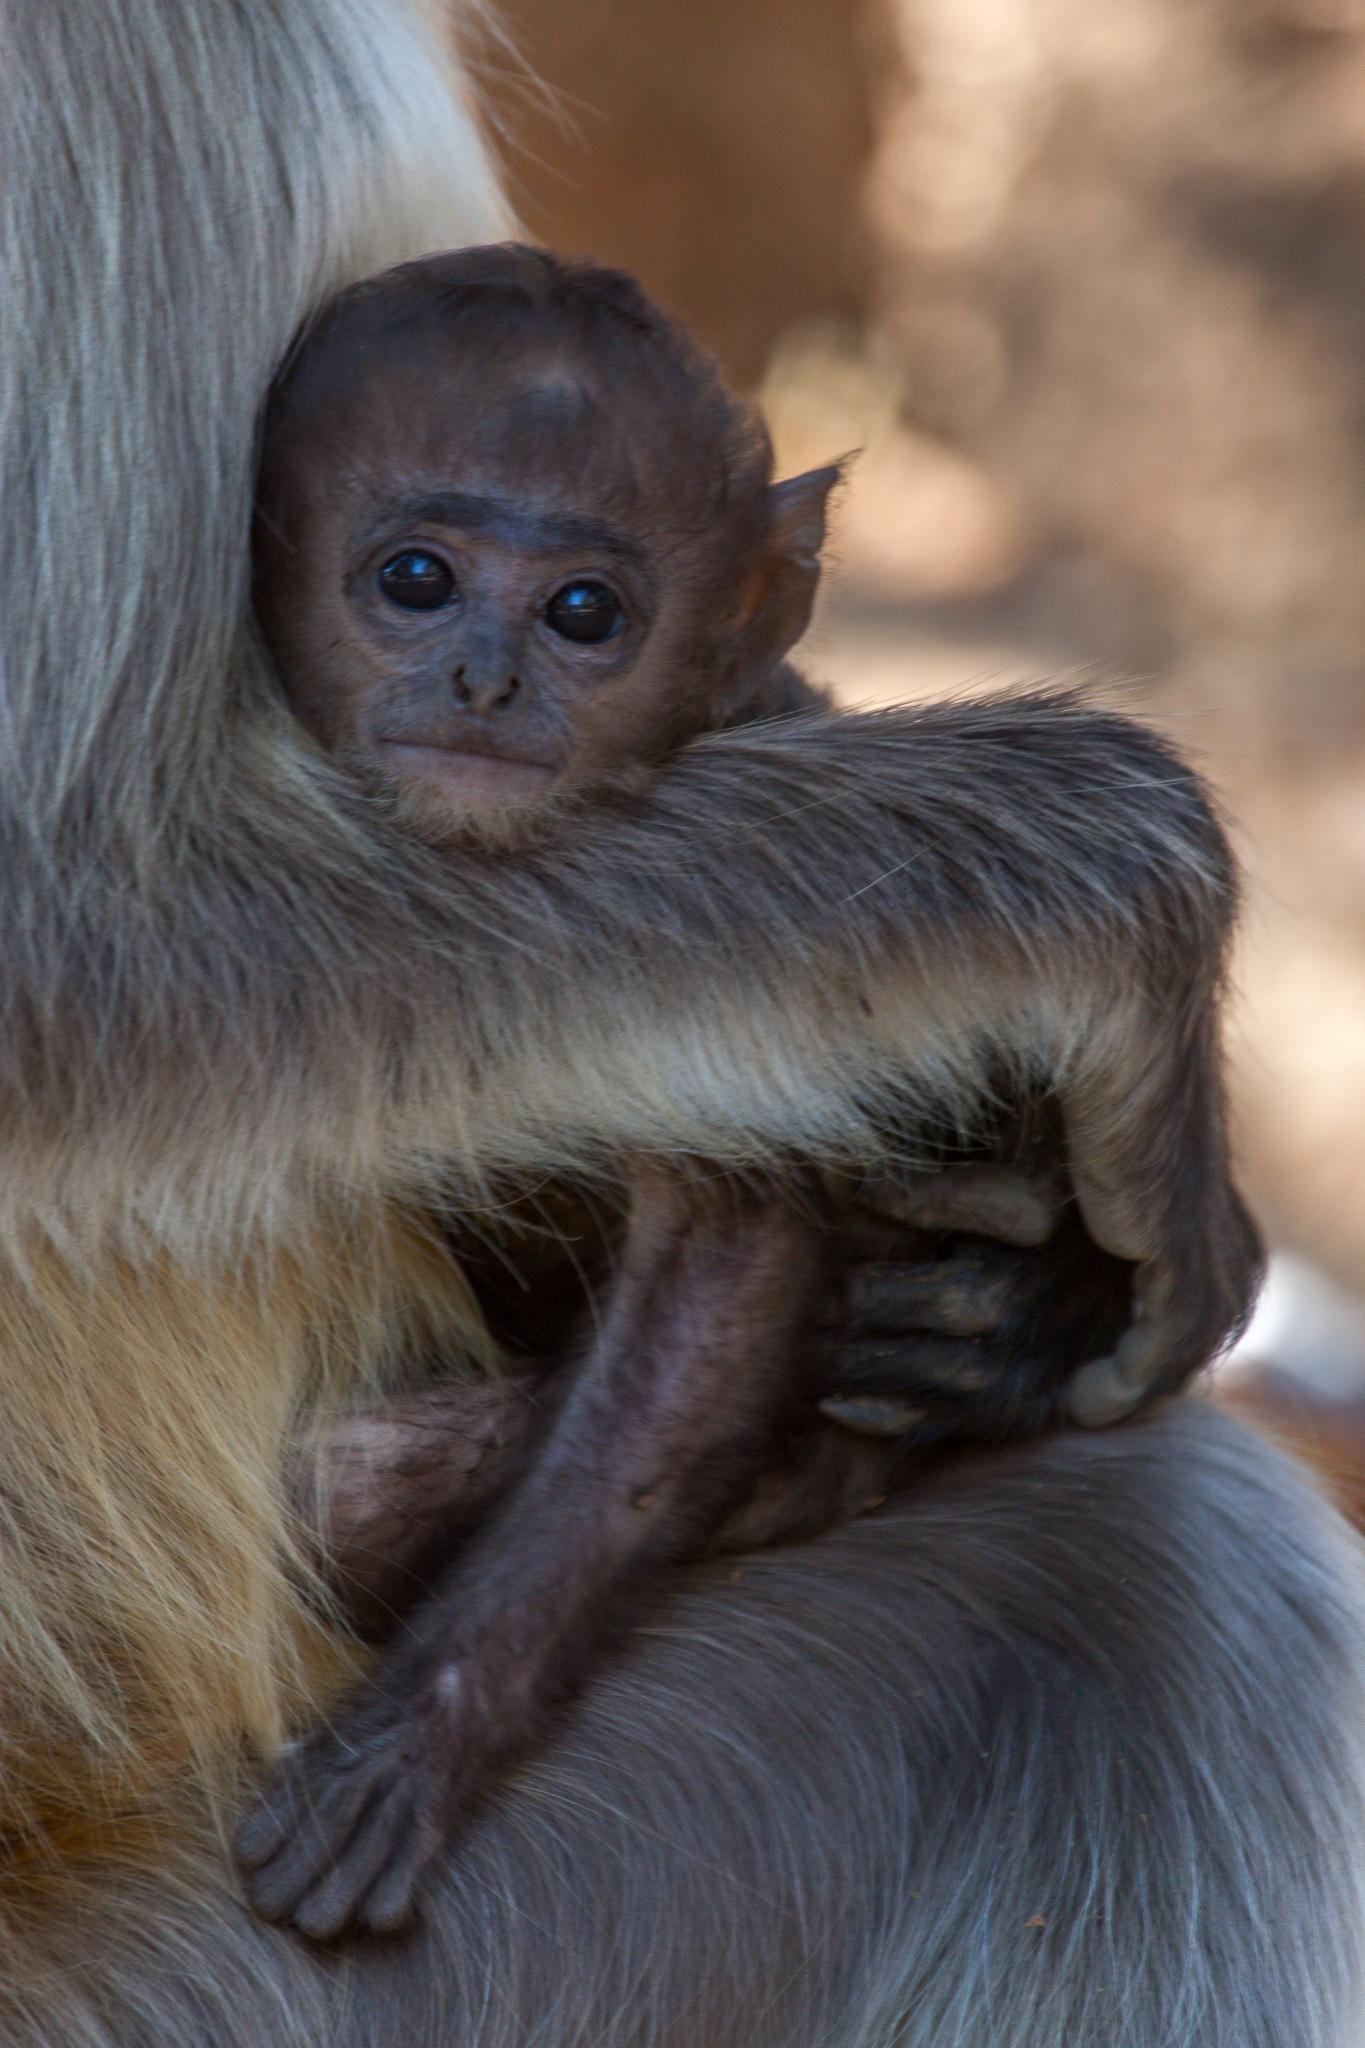 Hanuman baby by Håkan Liljenberg